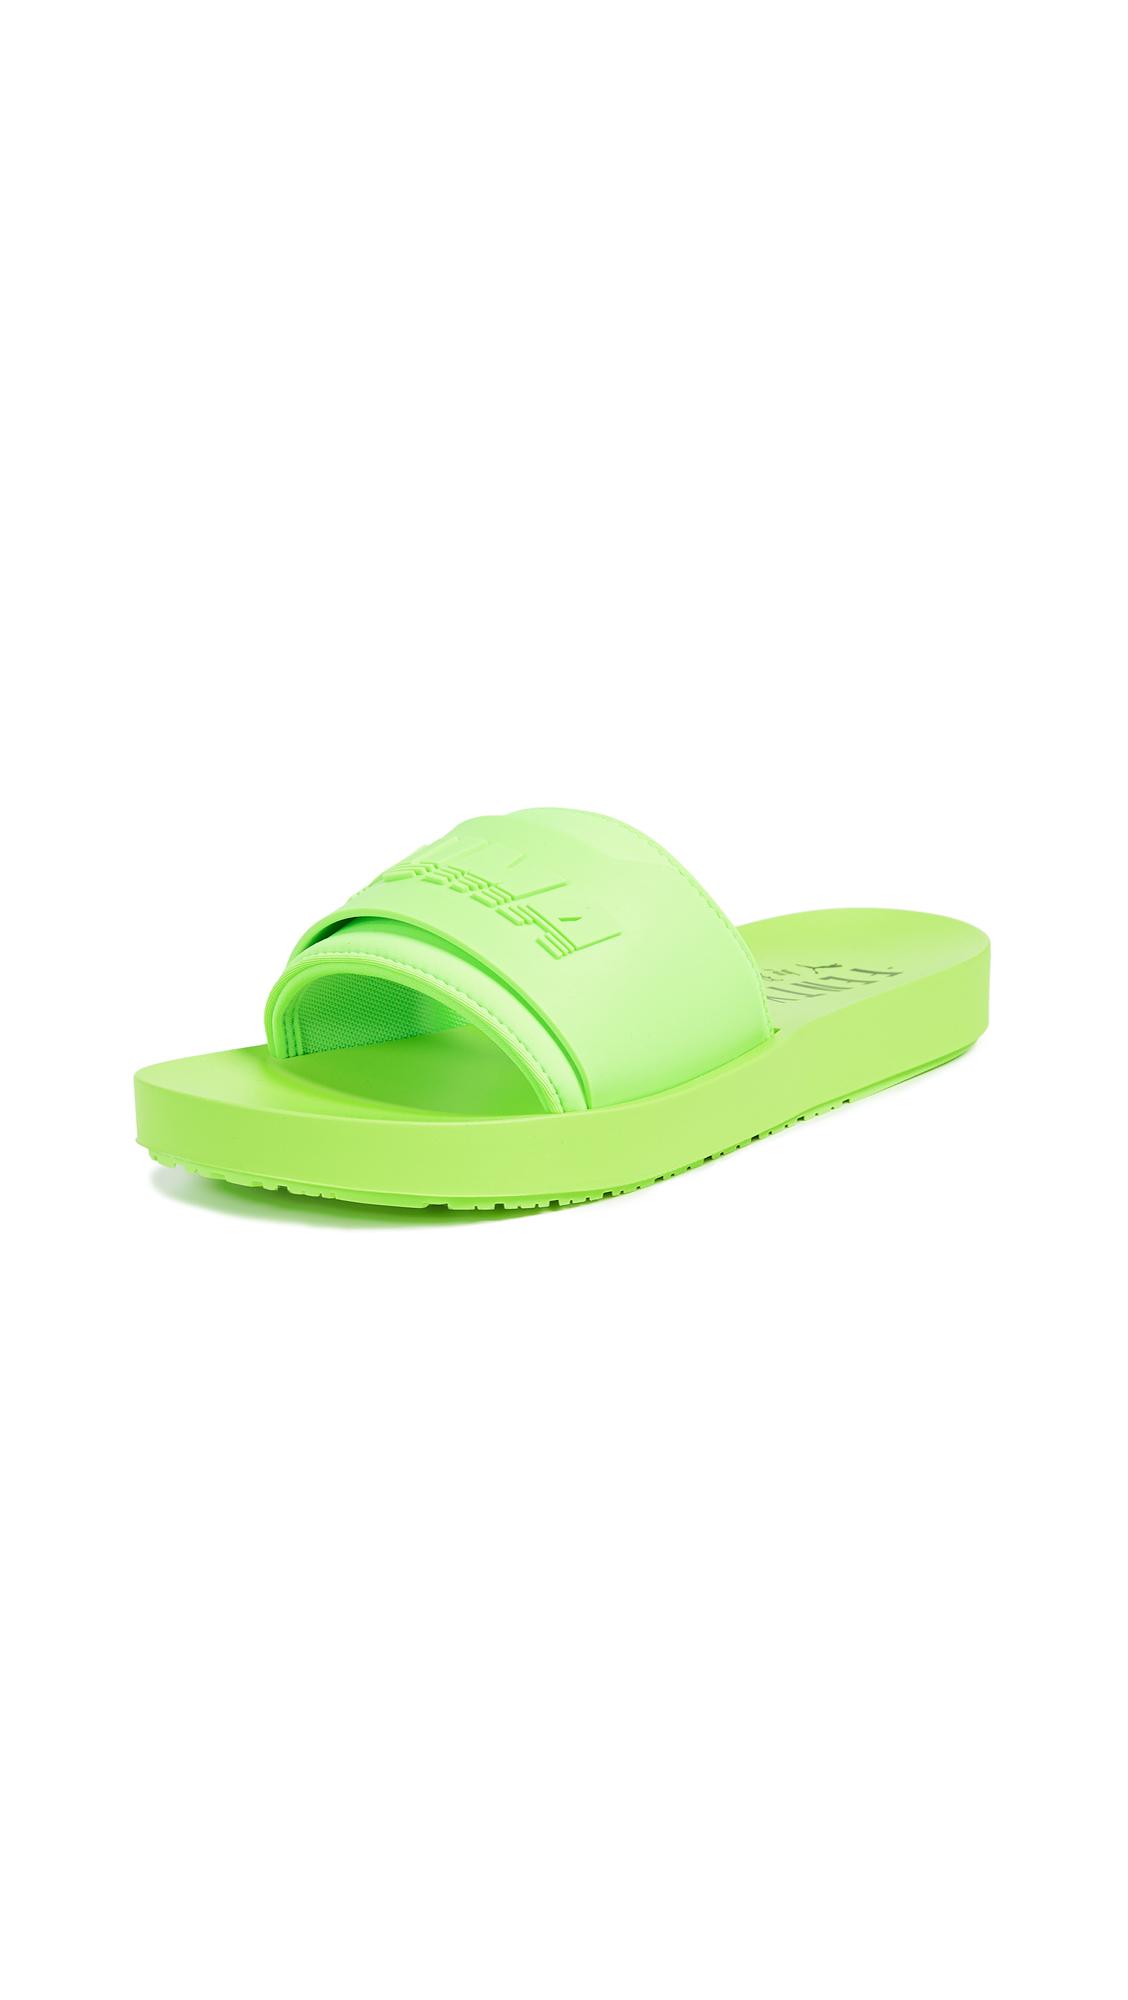 PUMA FENTY x PUMA Surf Slides - Green Gecko/Green Gecko